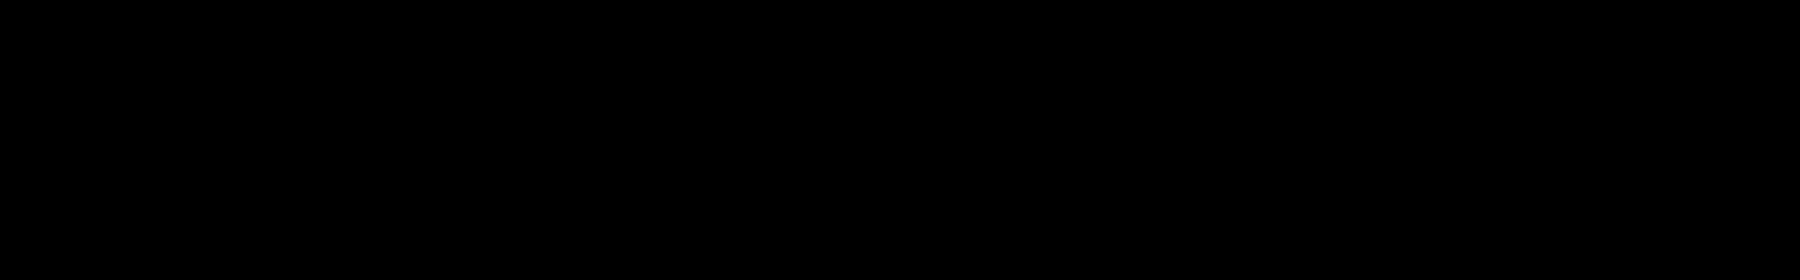 MAJOR LAZERZ audio waveform